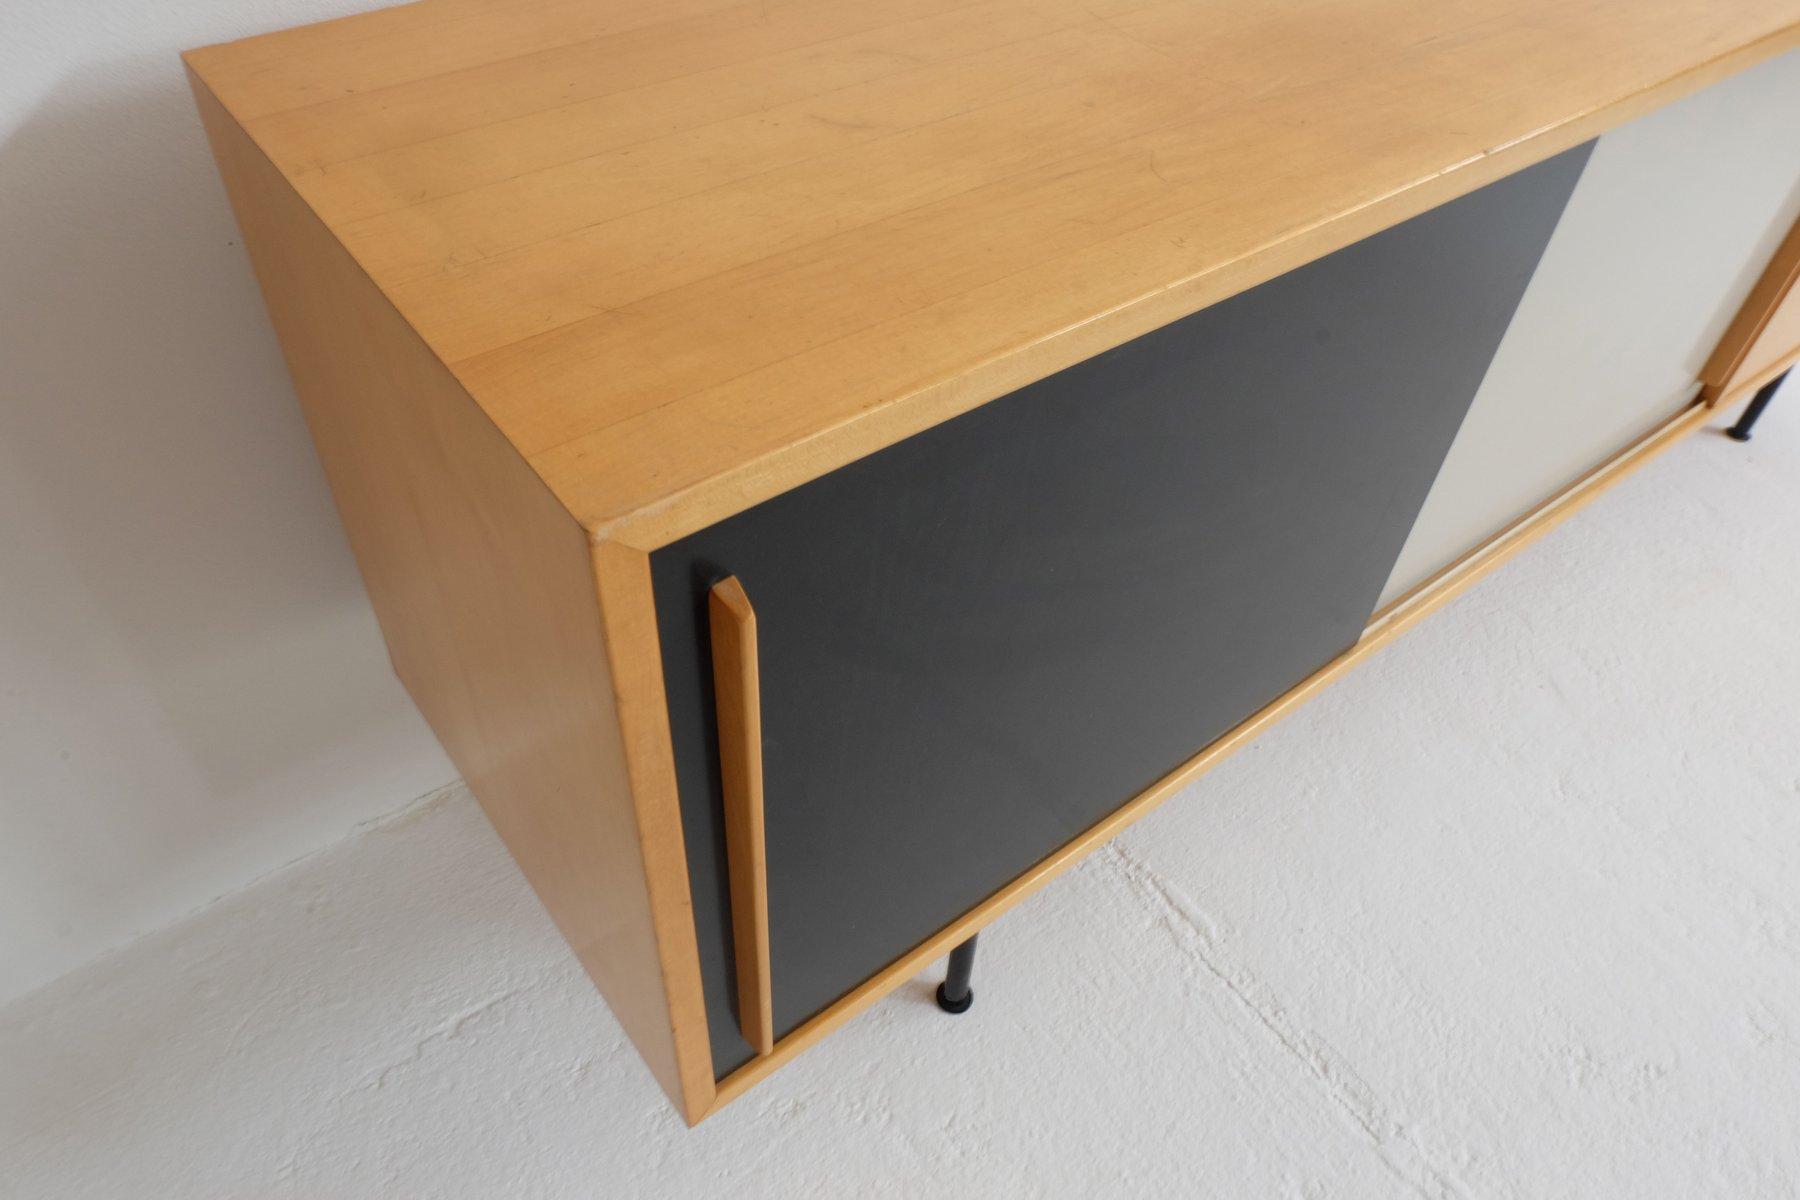 schweizer vintage swiss sideboard von kurt thut f r thut m bel bei pamono kaufen. Black Bedroom Furniture Sets. Home Design Ideas